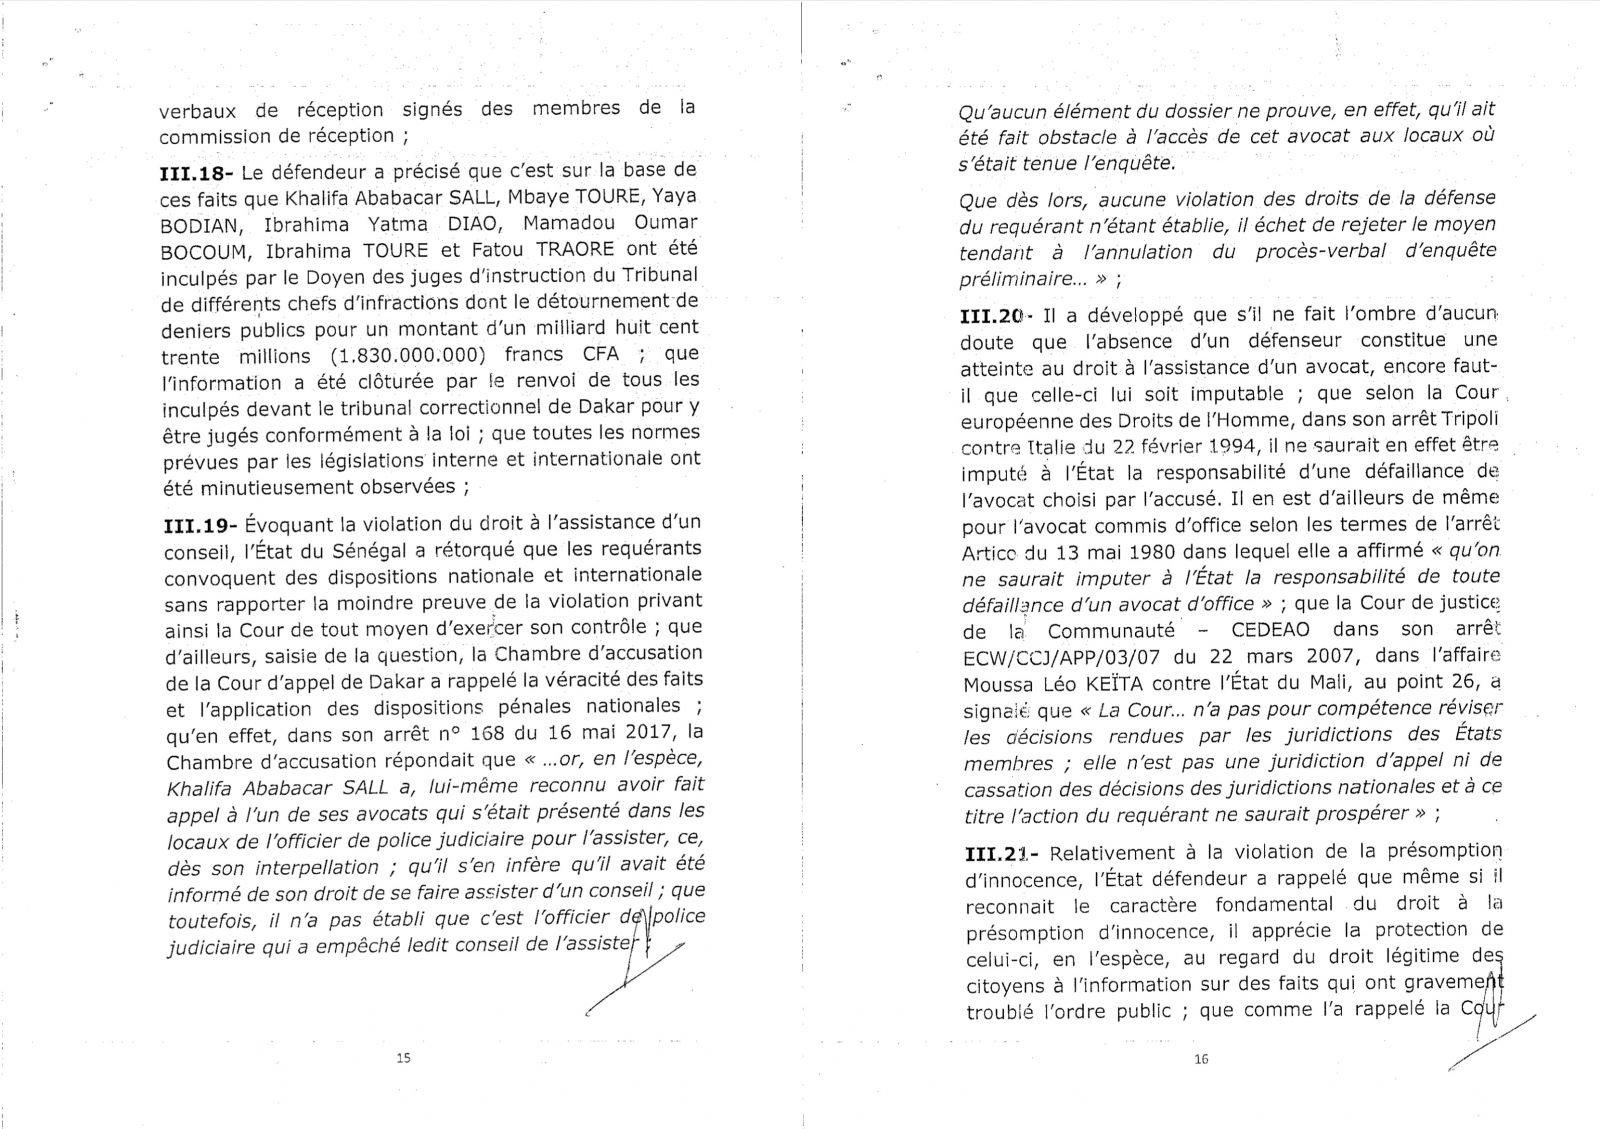 Découvrez l'intégralité de l'arrêt de la Cour de justice de la CEDEAO